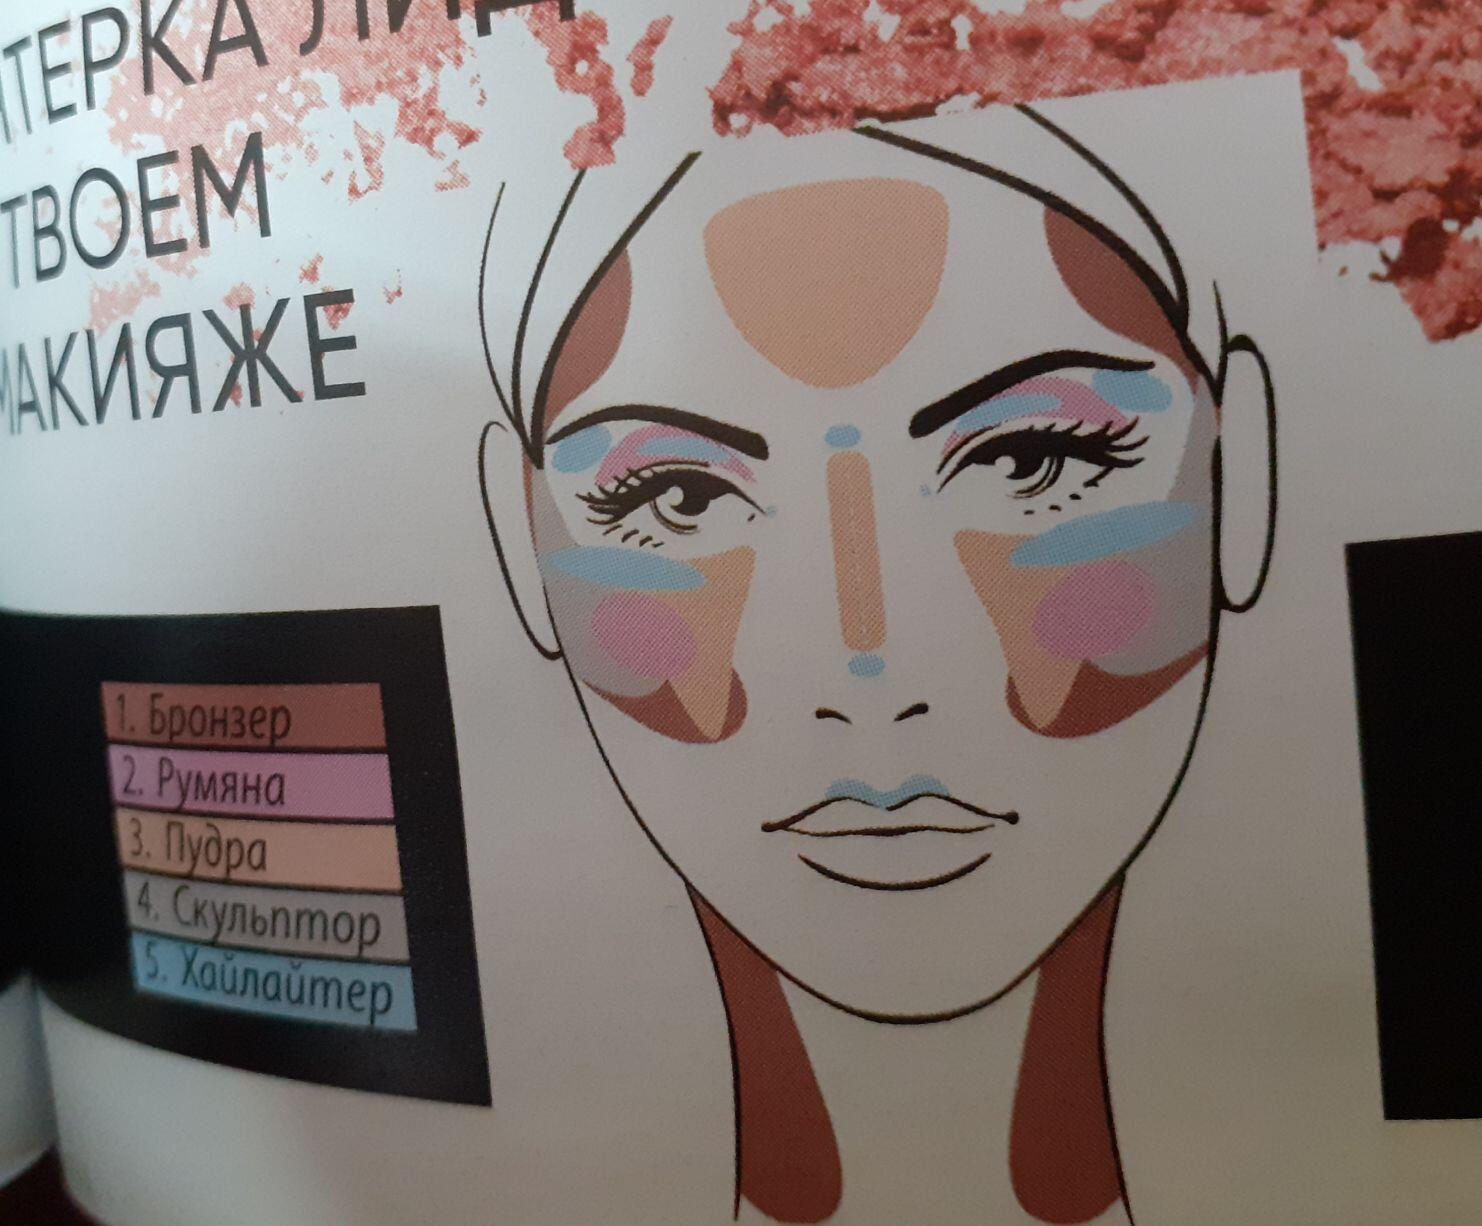 Палета макияж